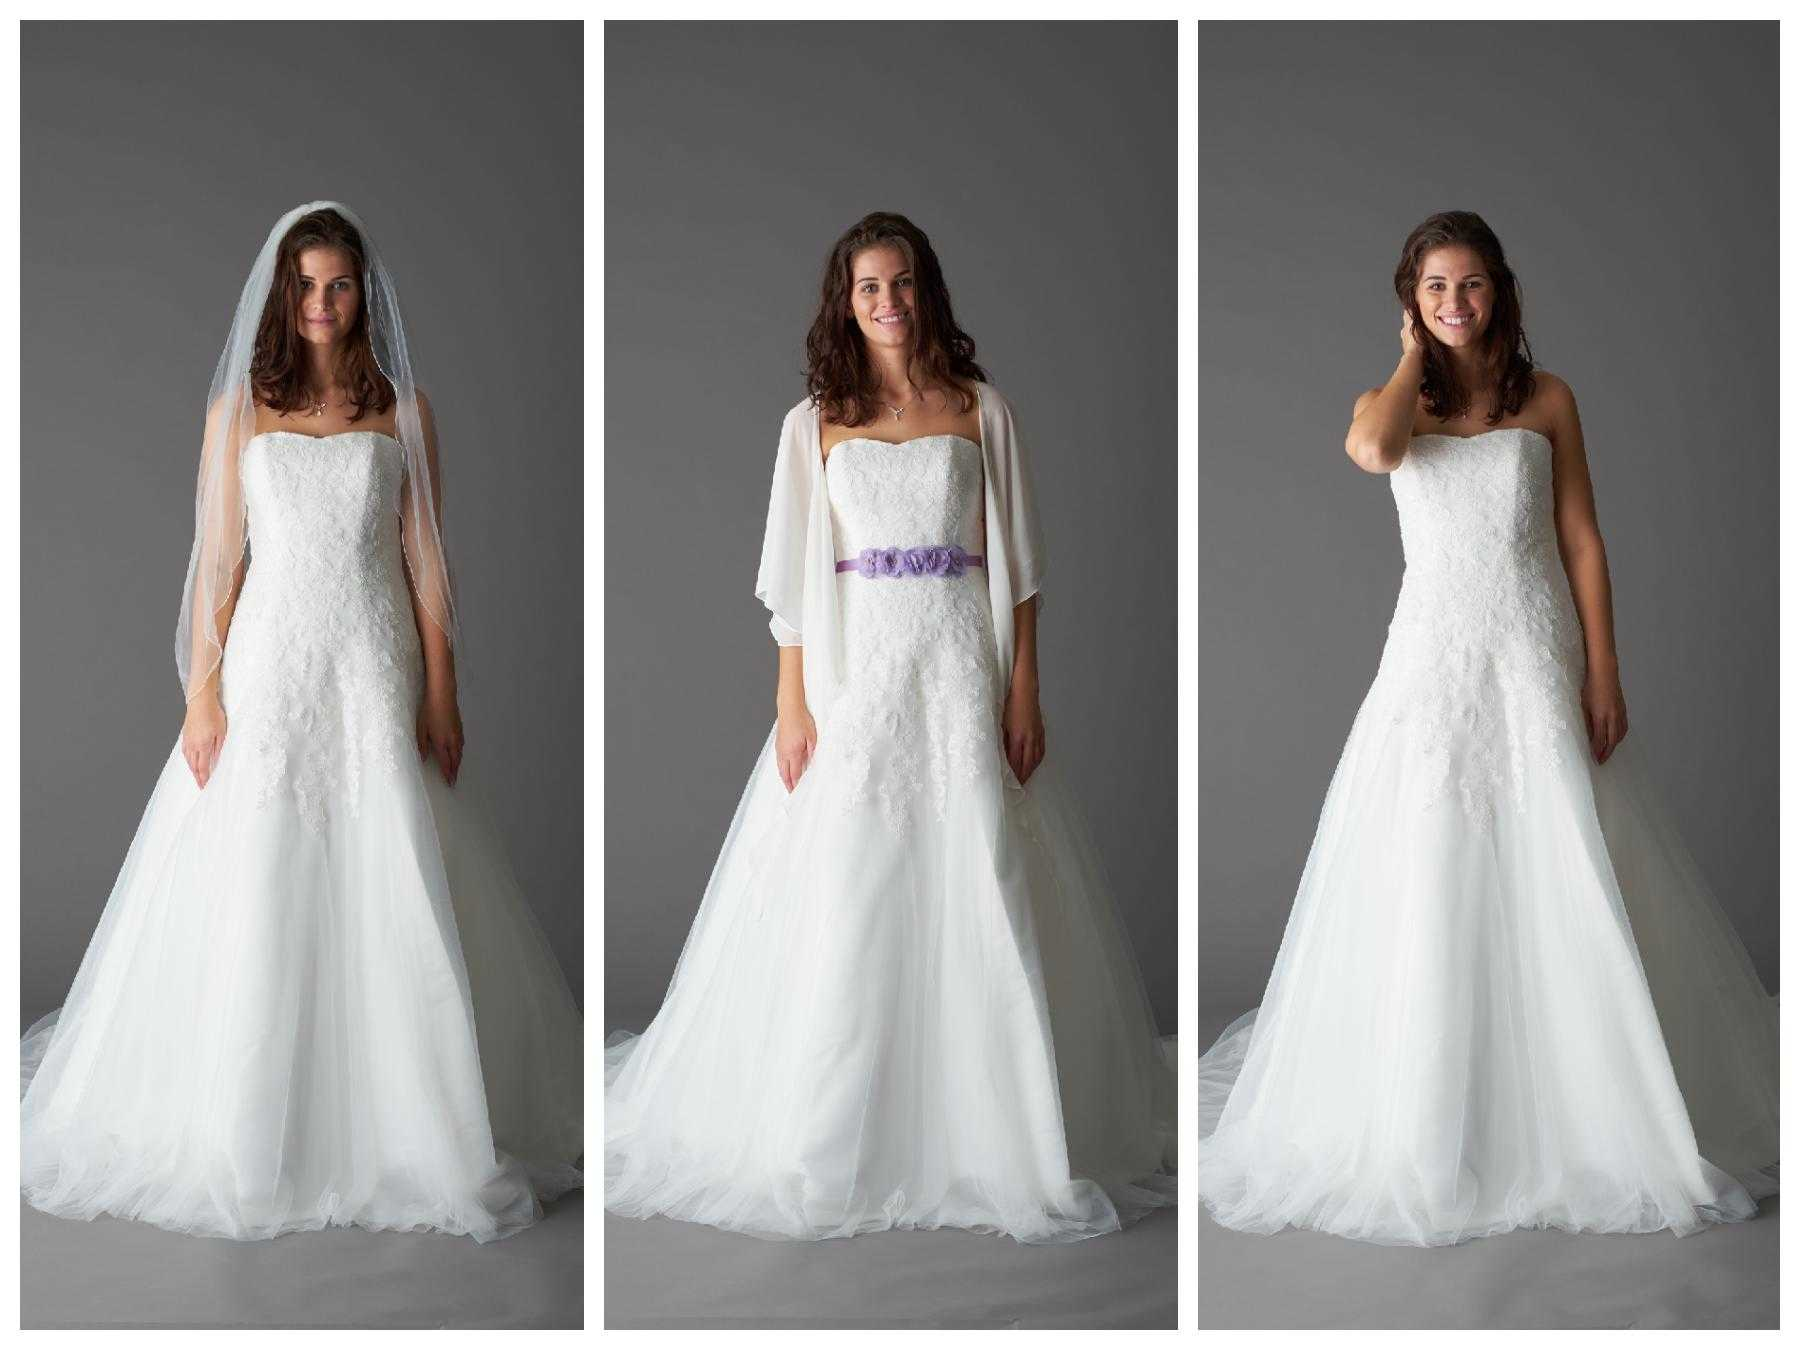 Brautkleid mieten thun